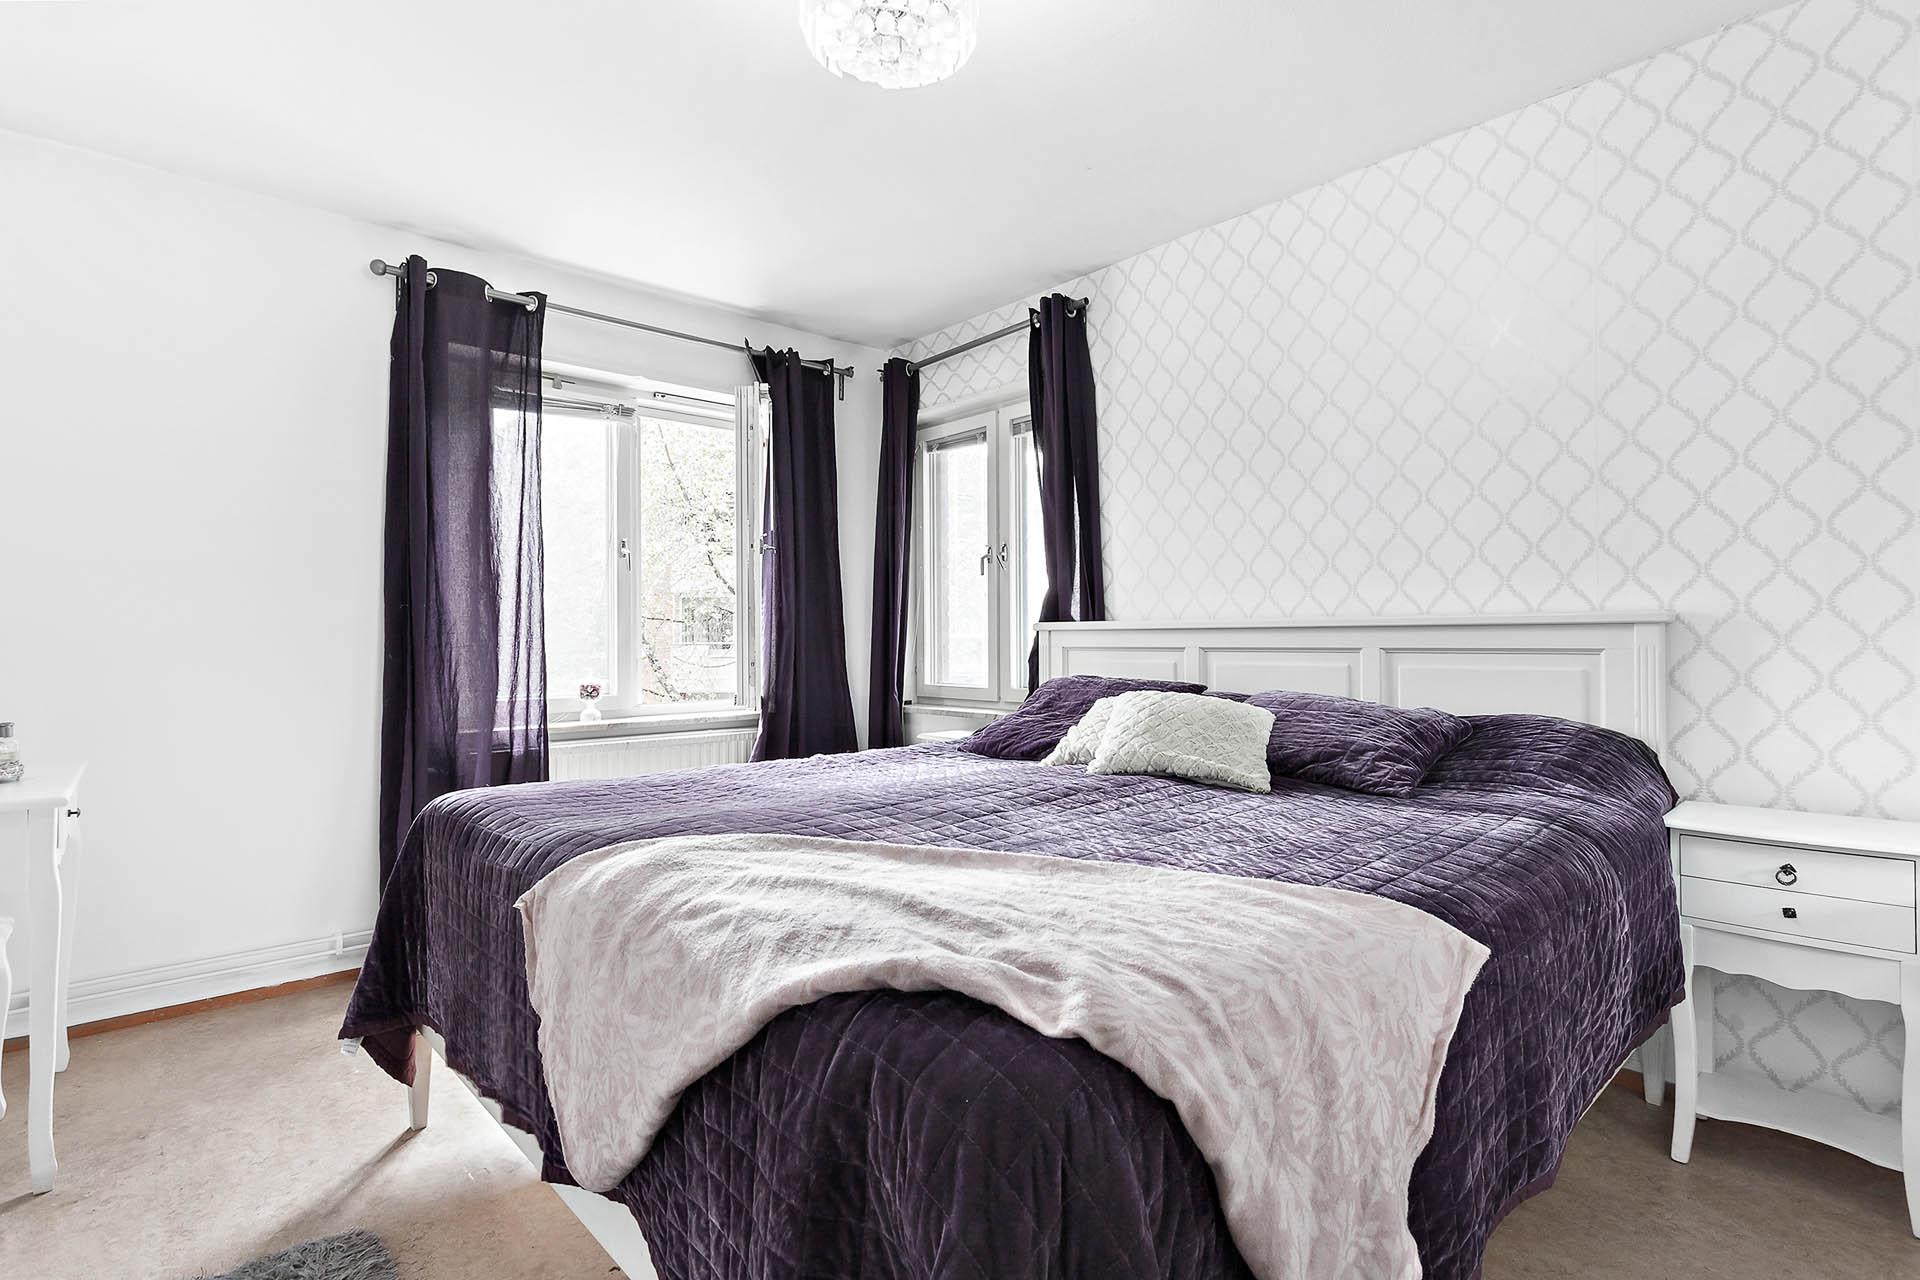 Generöst sovrum med plats för dubbelsäng och tillhörande nattduksbord.